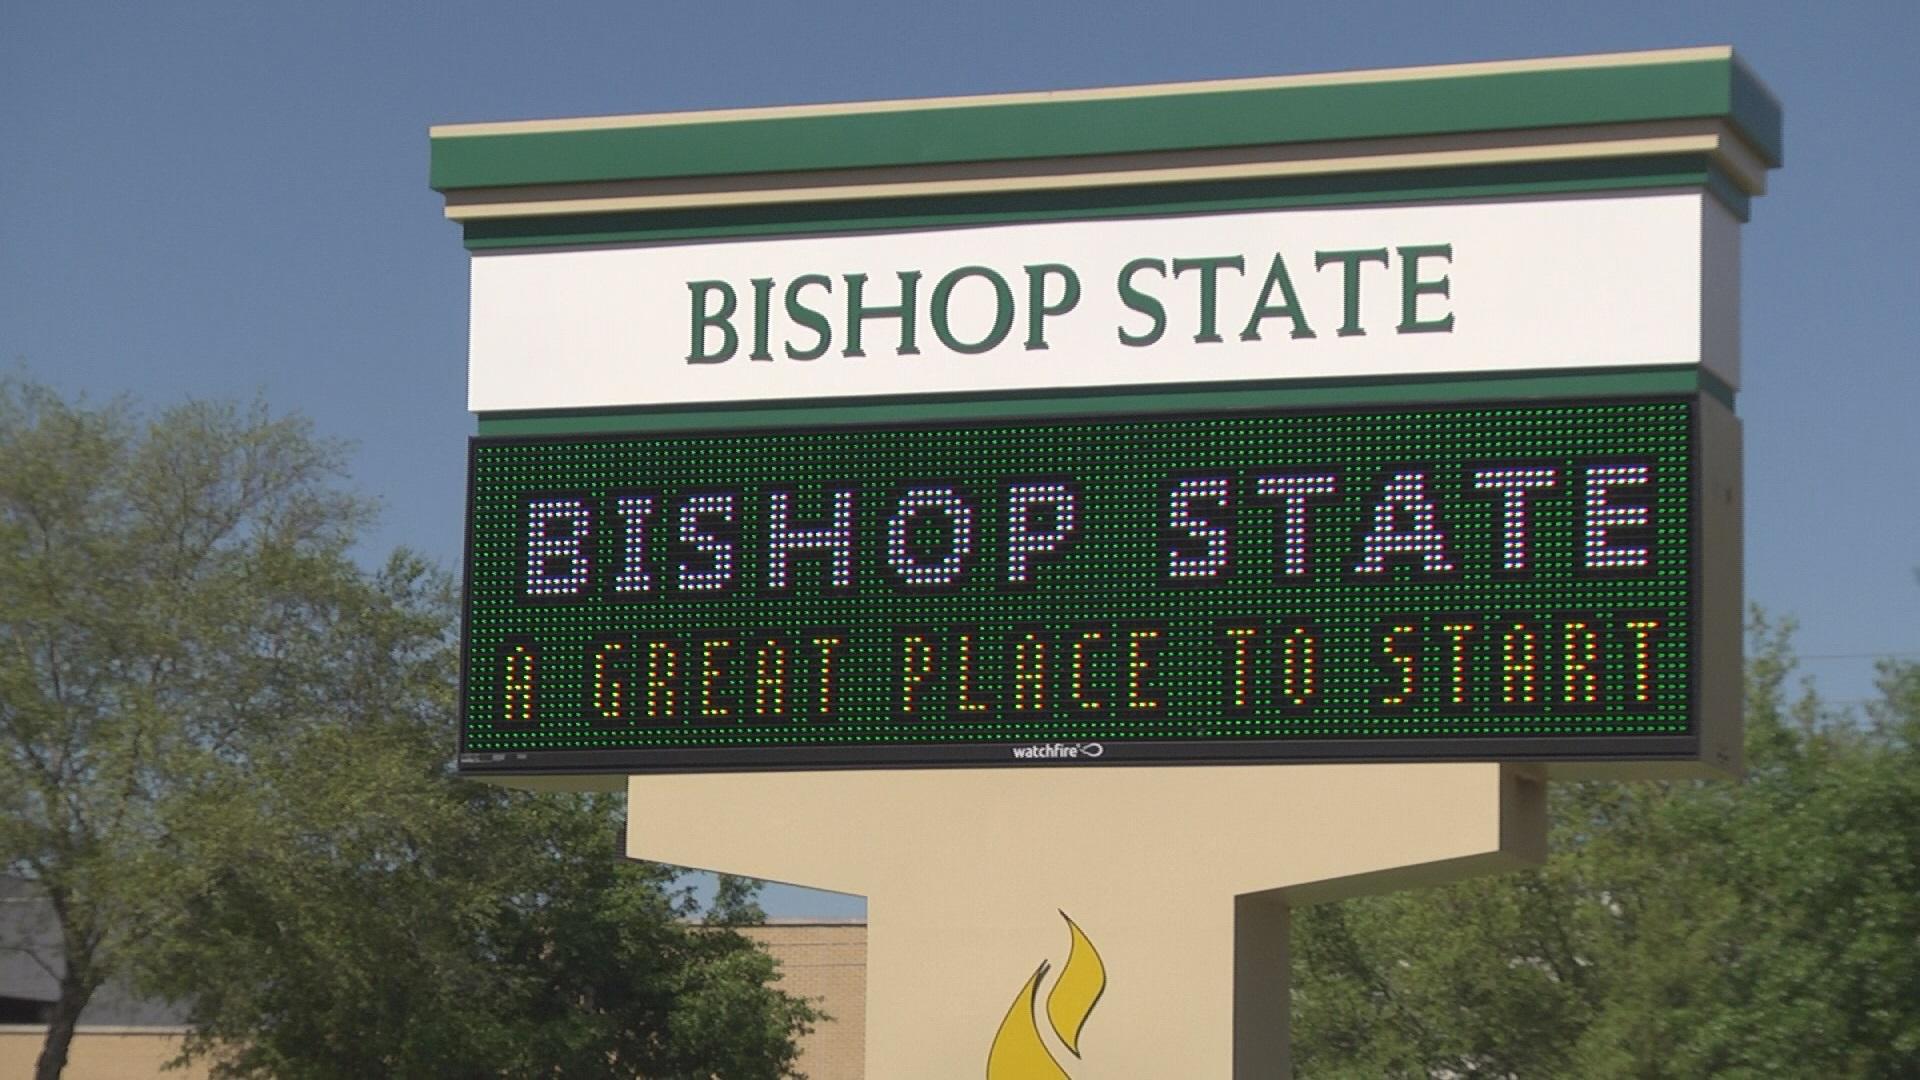 bishop state_330471